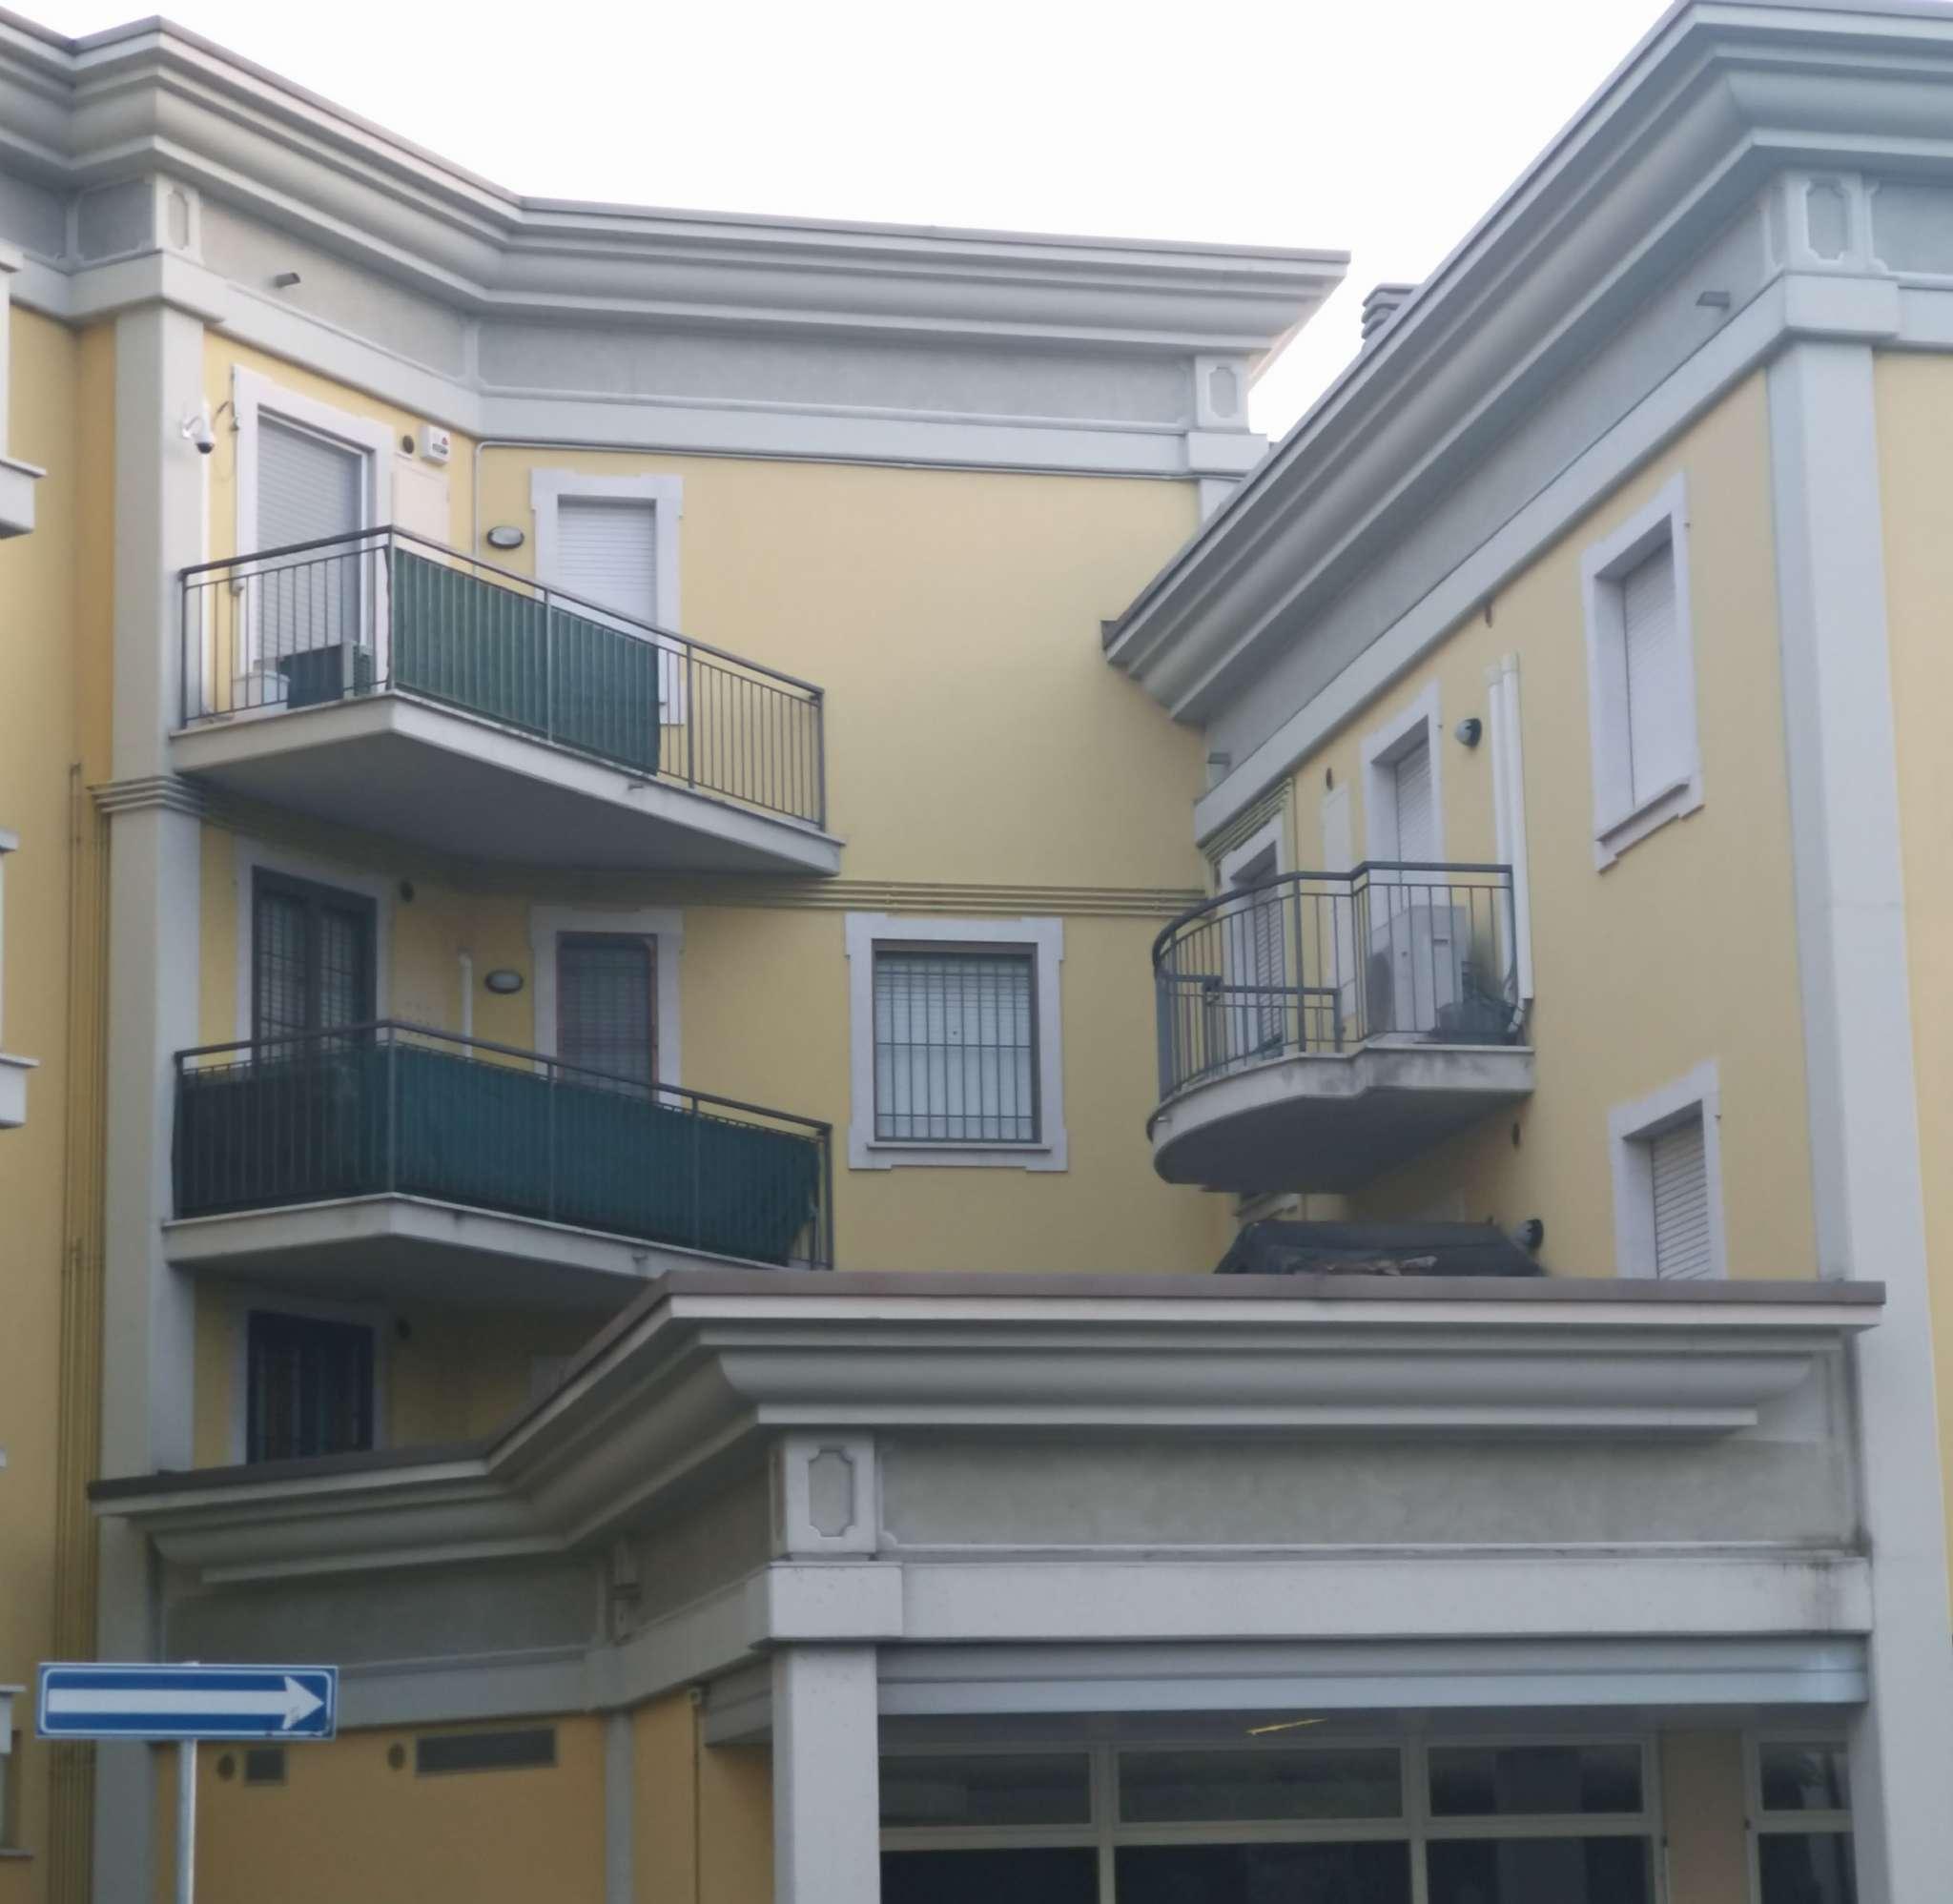 Attico / Mansarda in vendita a Roncadelle, 4 locali, prezzo € 269.000 | PortaleAgenzieImmobiliari.it